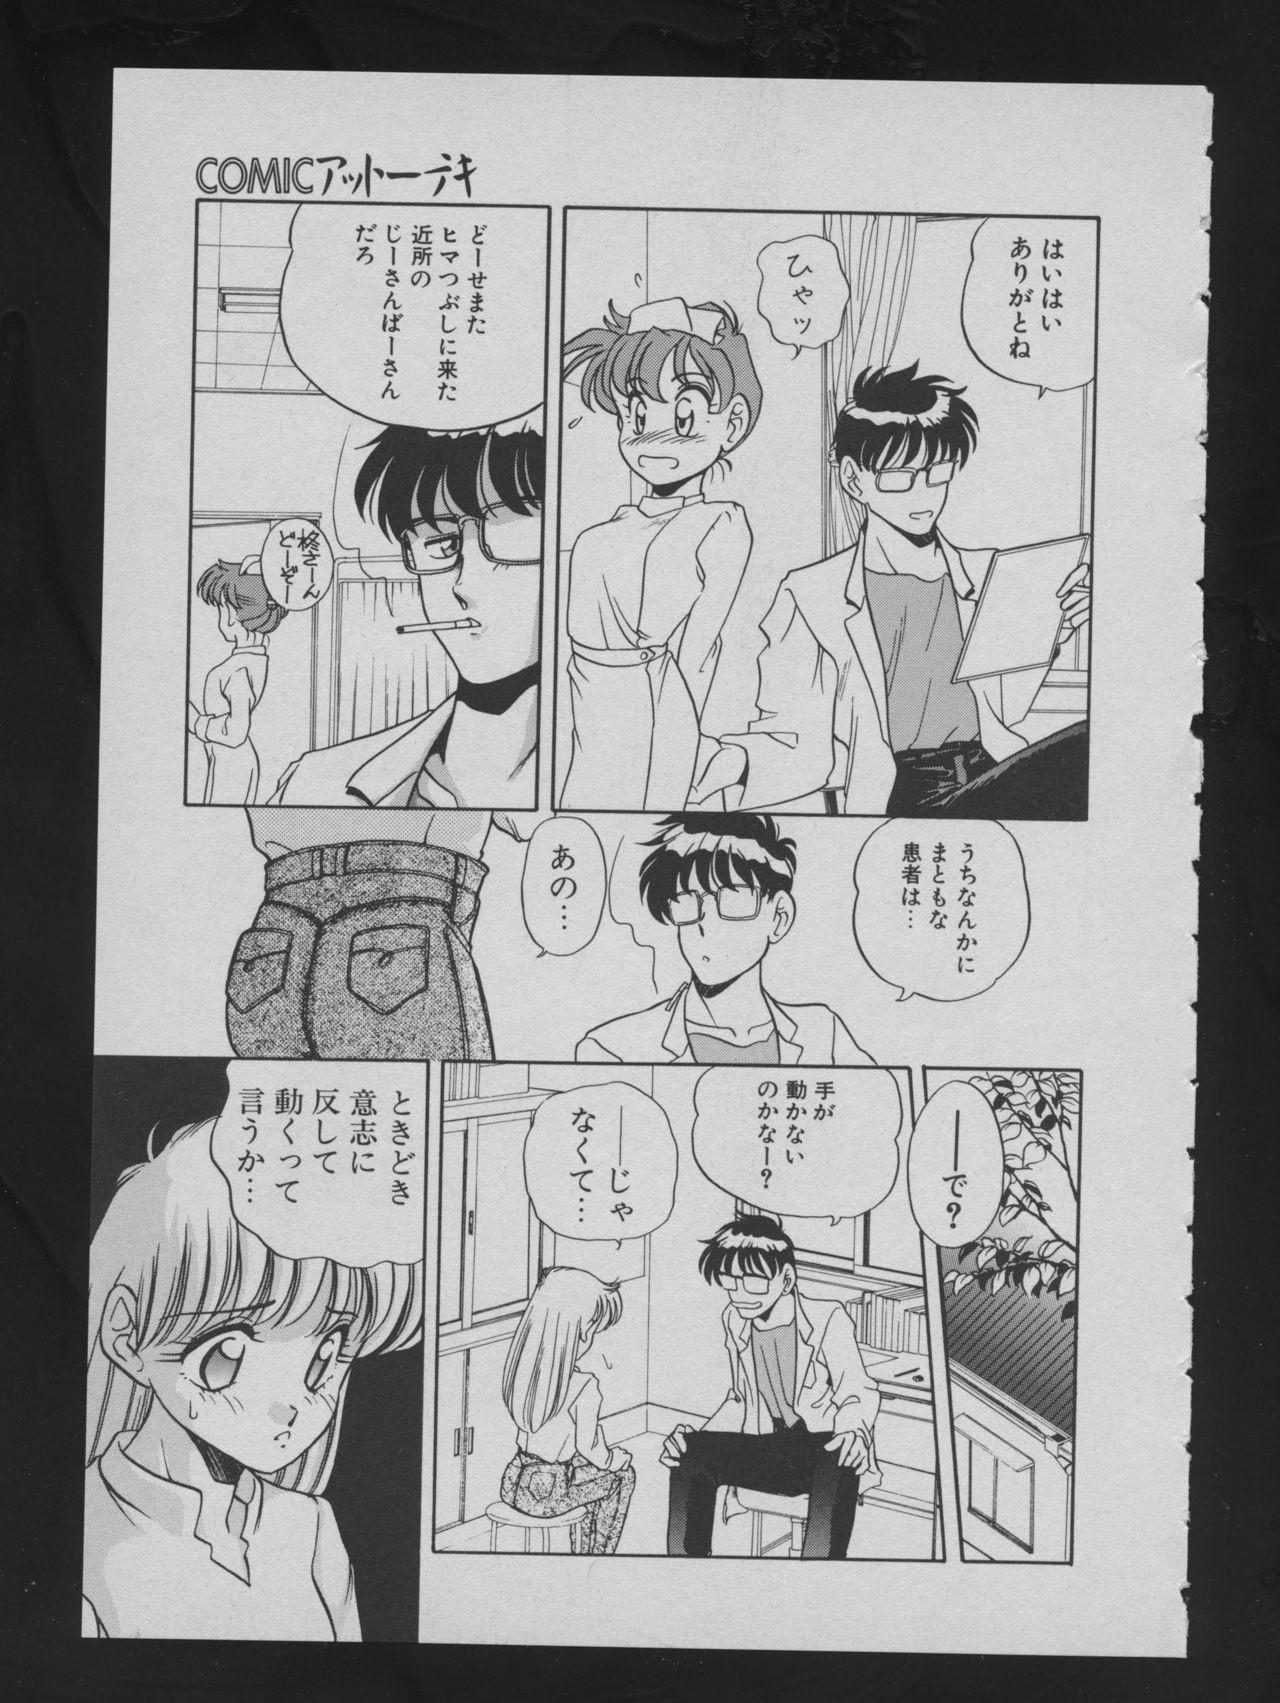 COMIC ATTOTEKI 1993-12 24